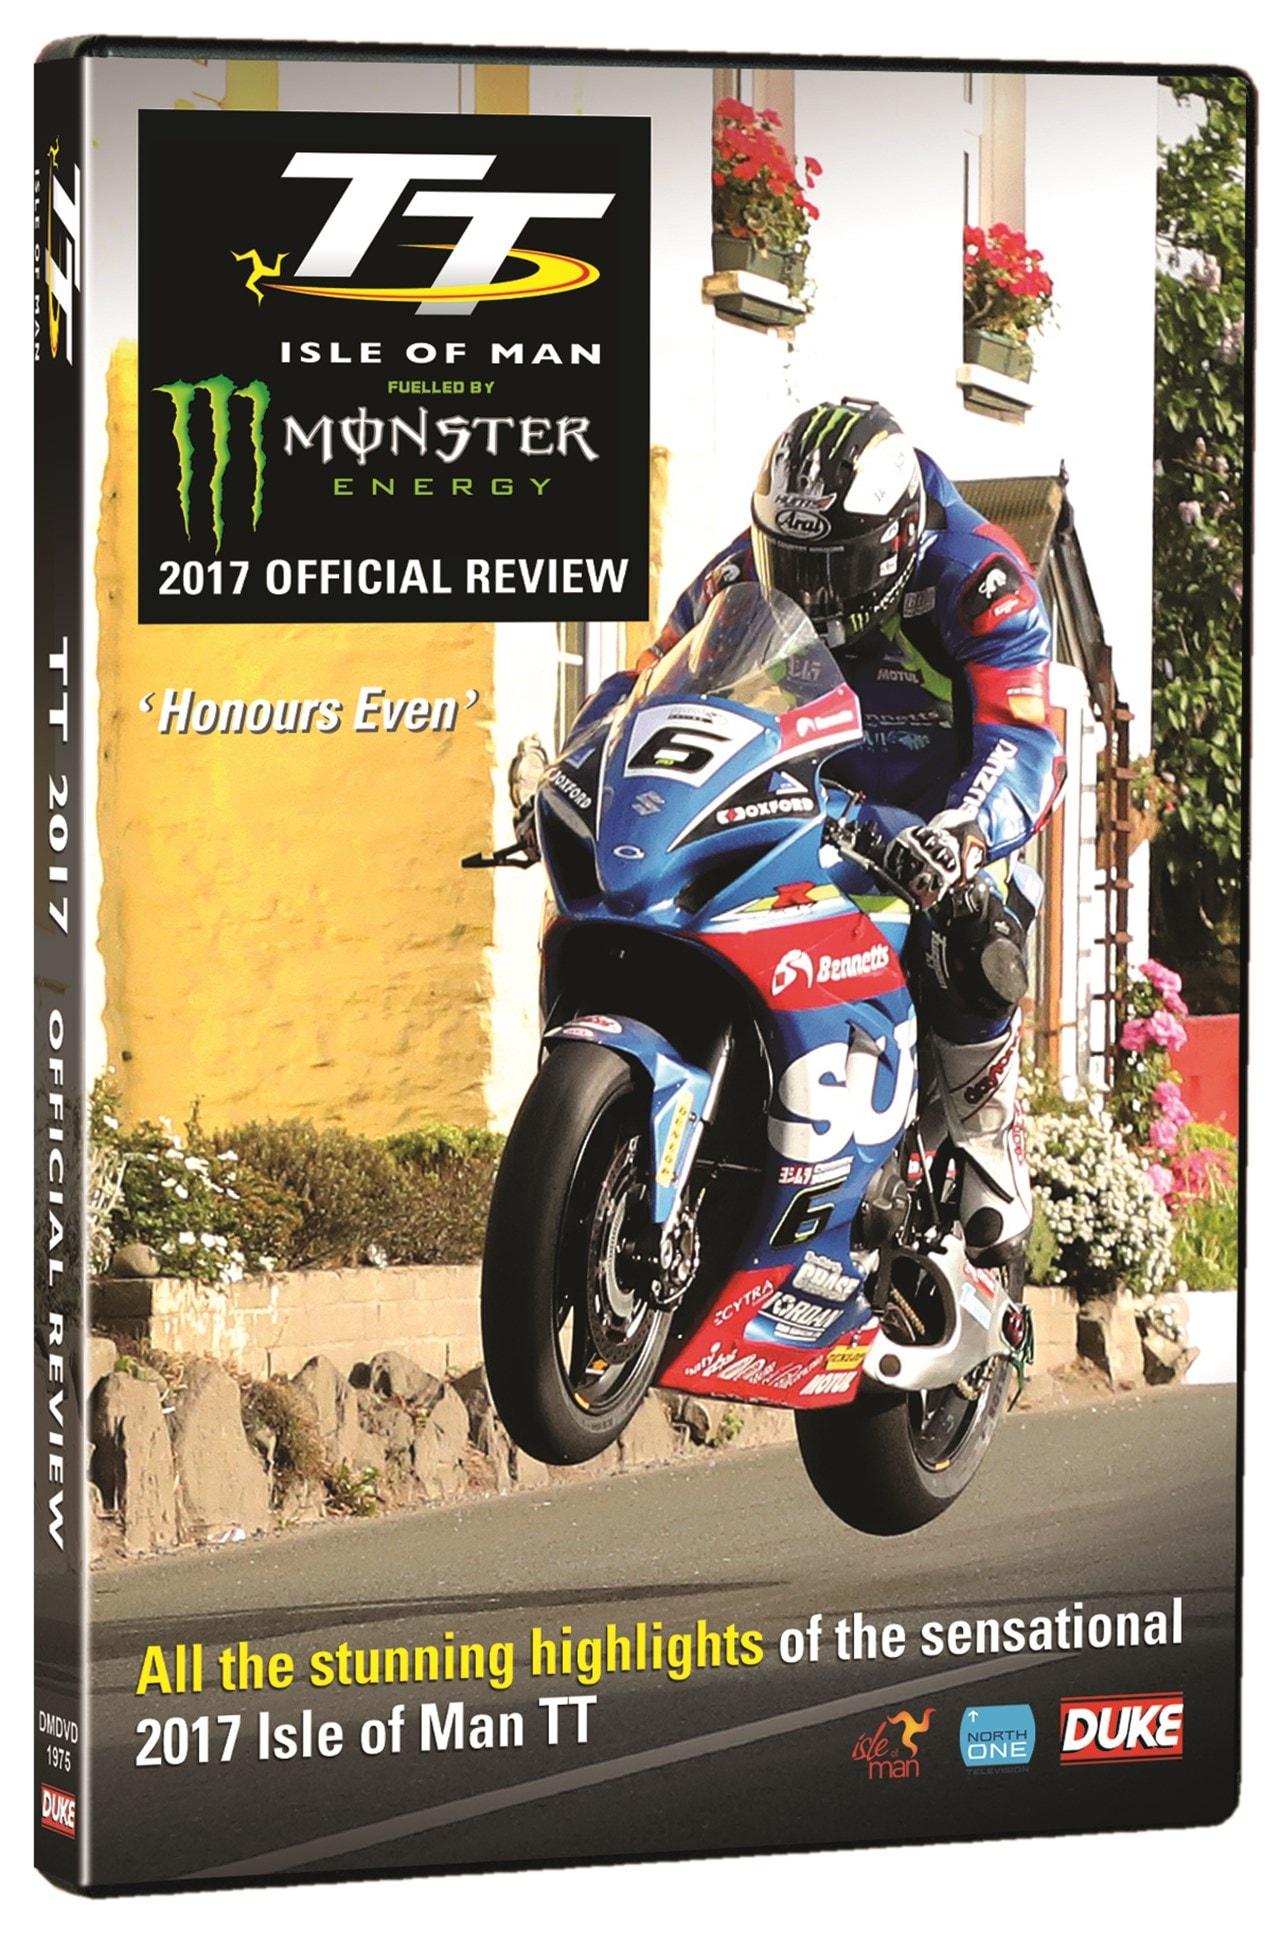 TT 2017: Official Review - 2